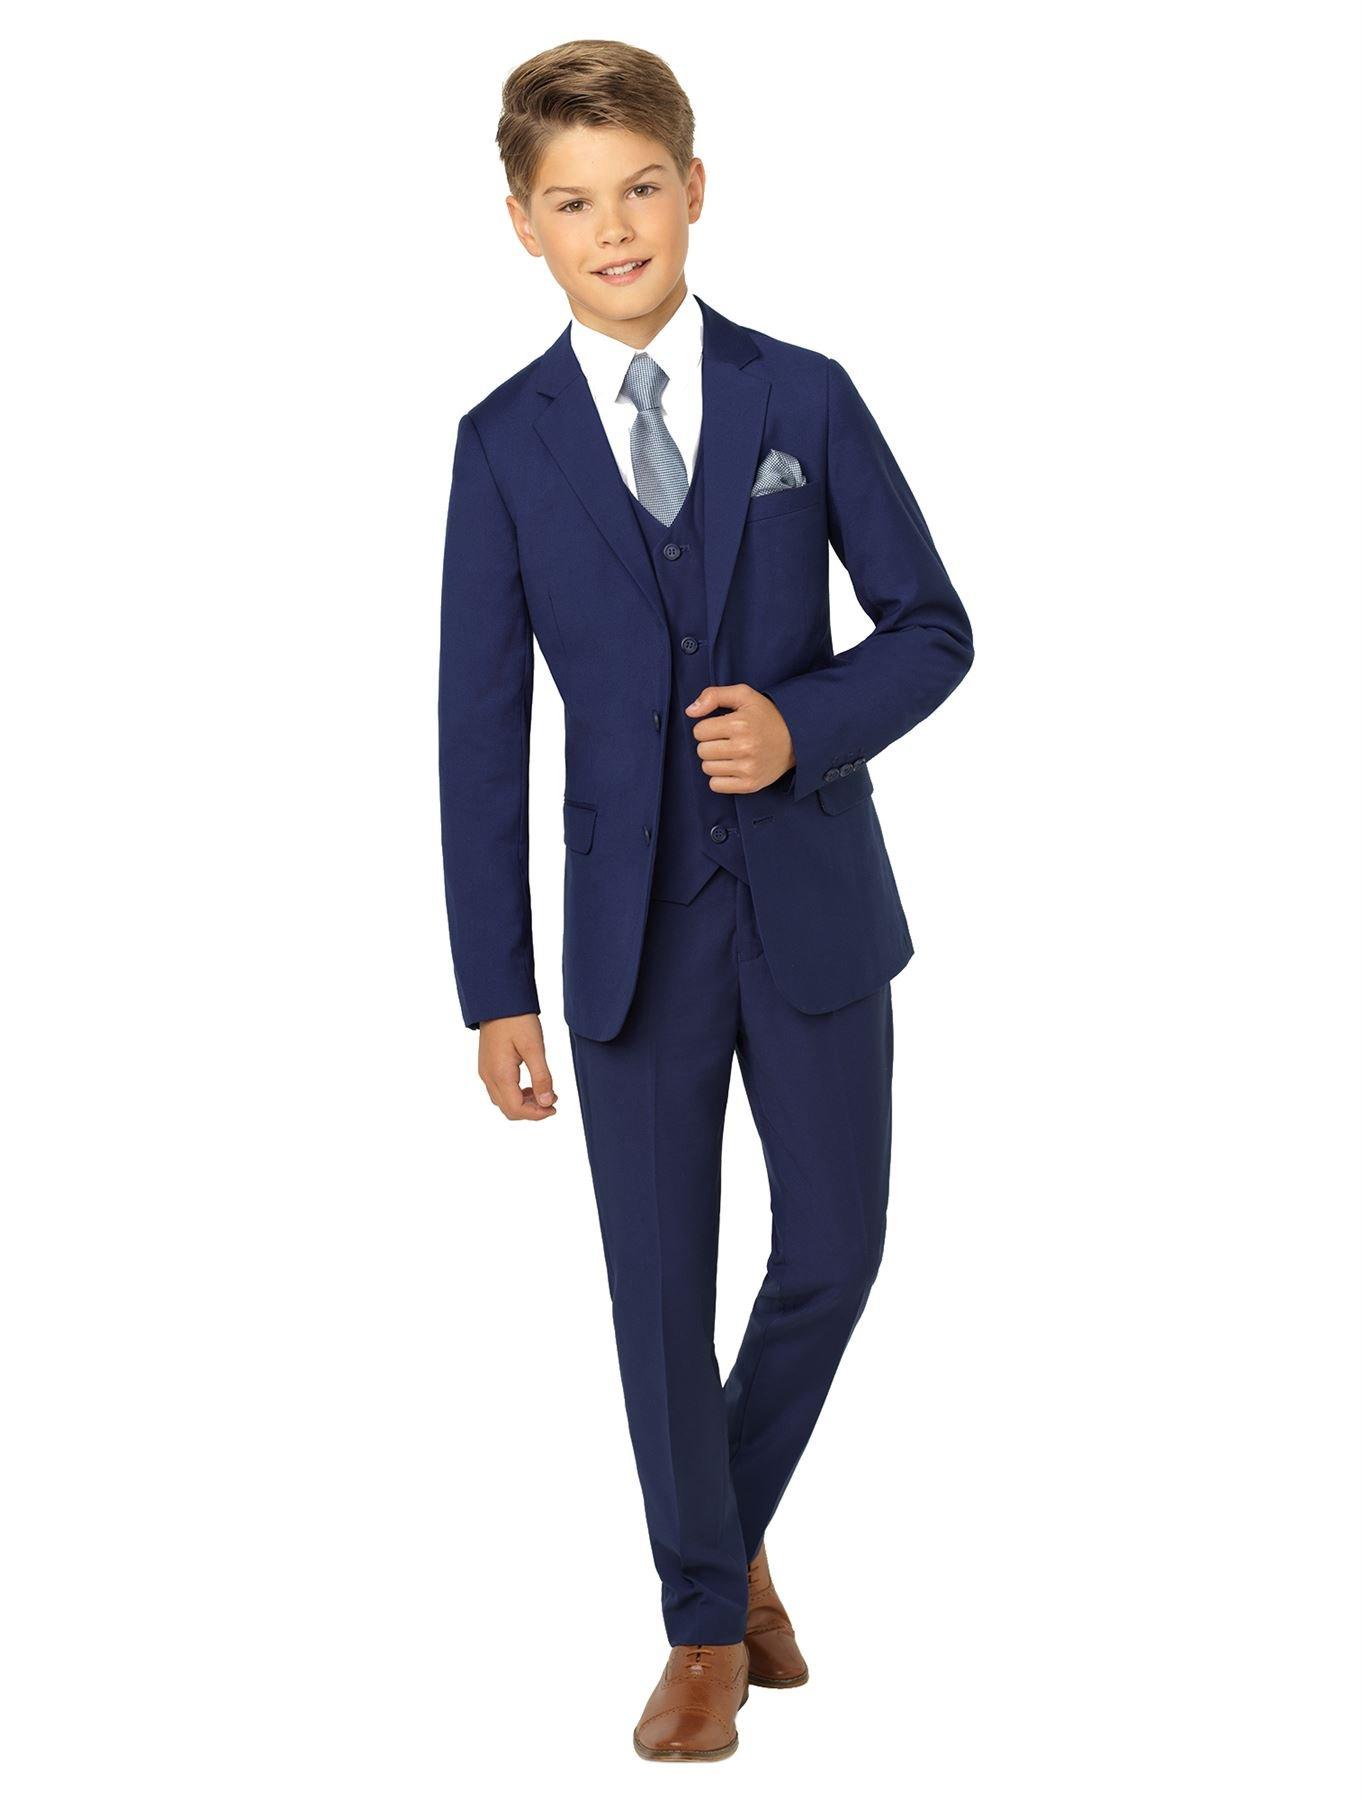 Paisley of London, Monaco Blue Slim Fit Suit, Boys Formal Occasion Wear Set, 2T